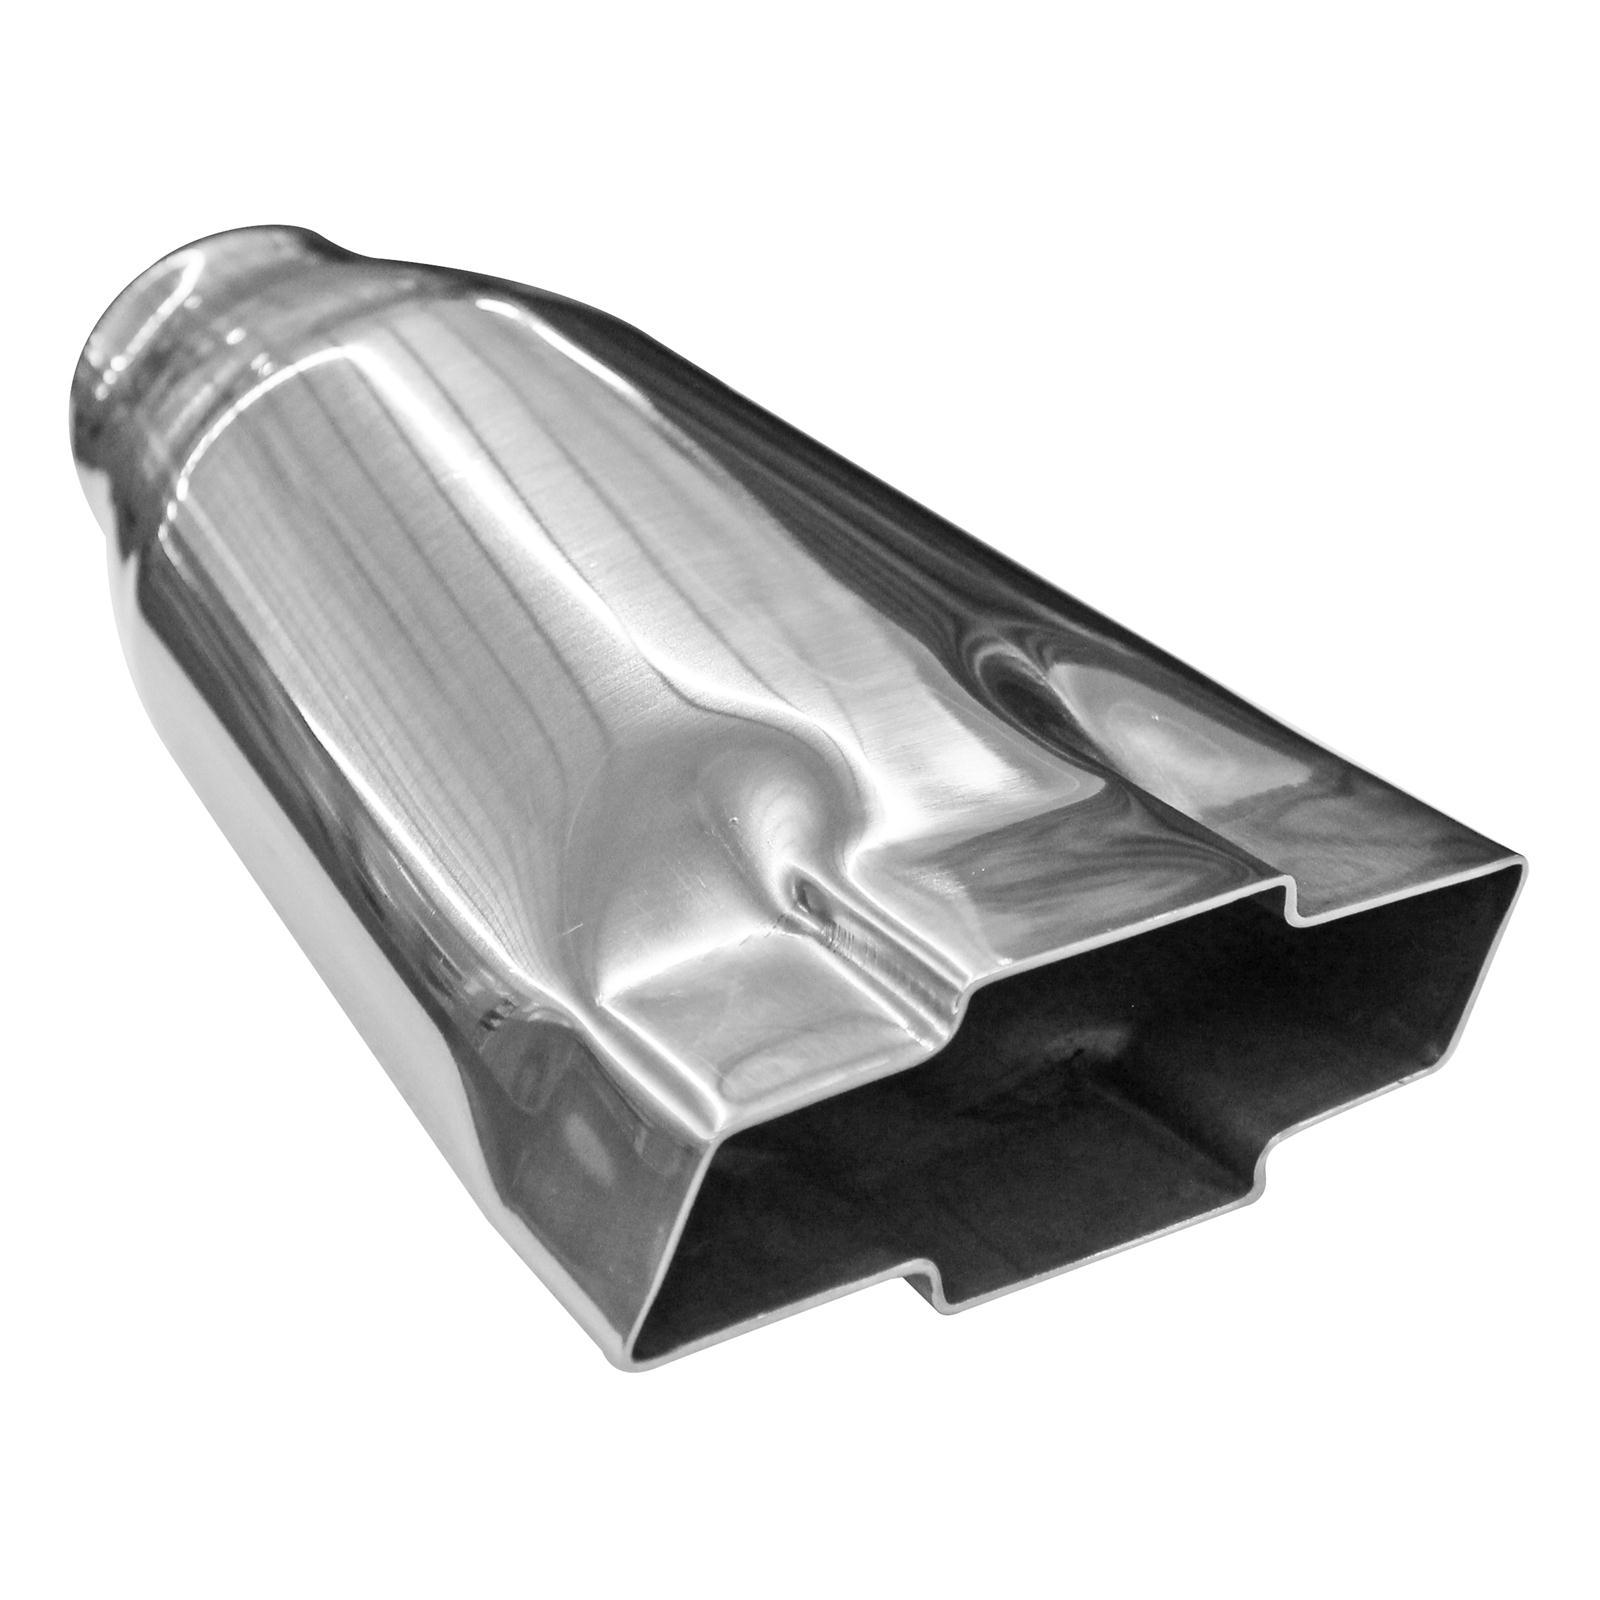 jones exhaust jcb214 ss jones exhaust stainless steel exhaust tips summit racing